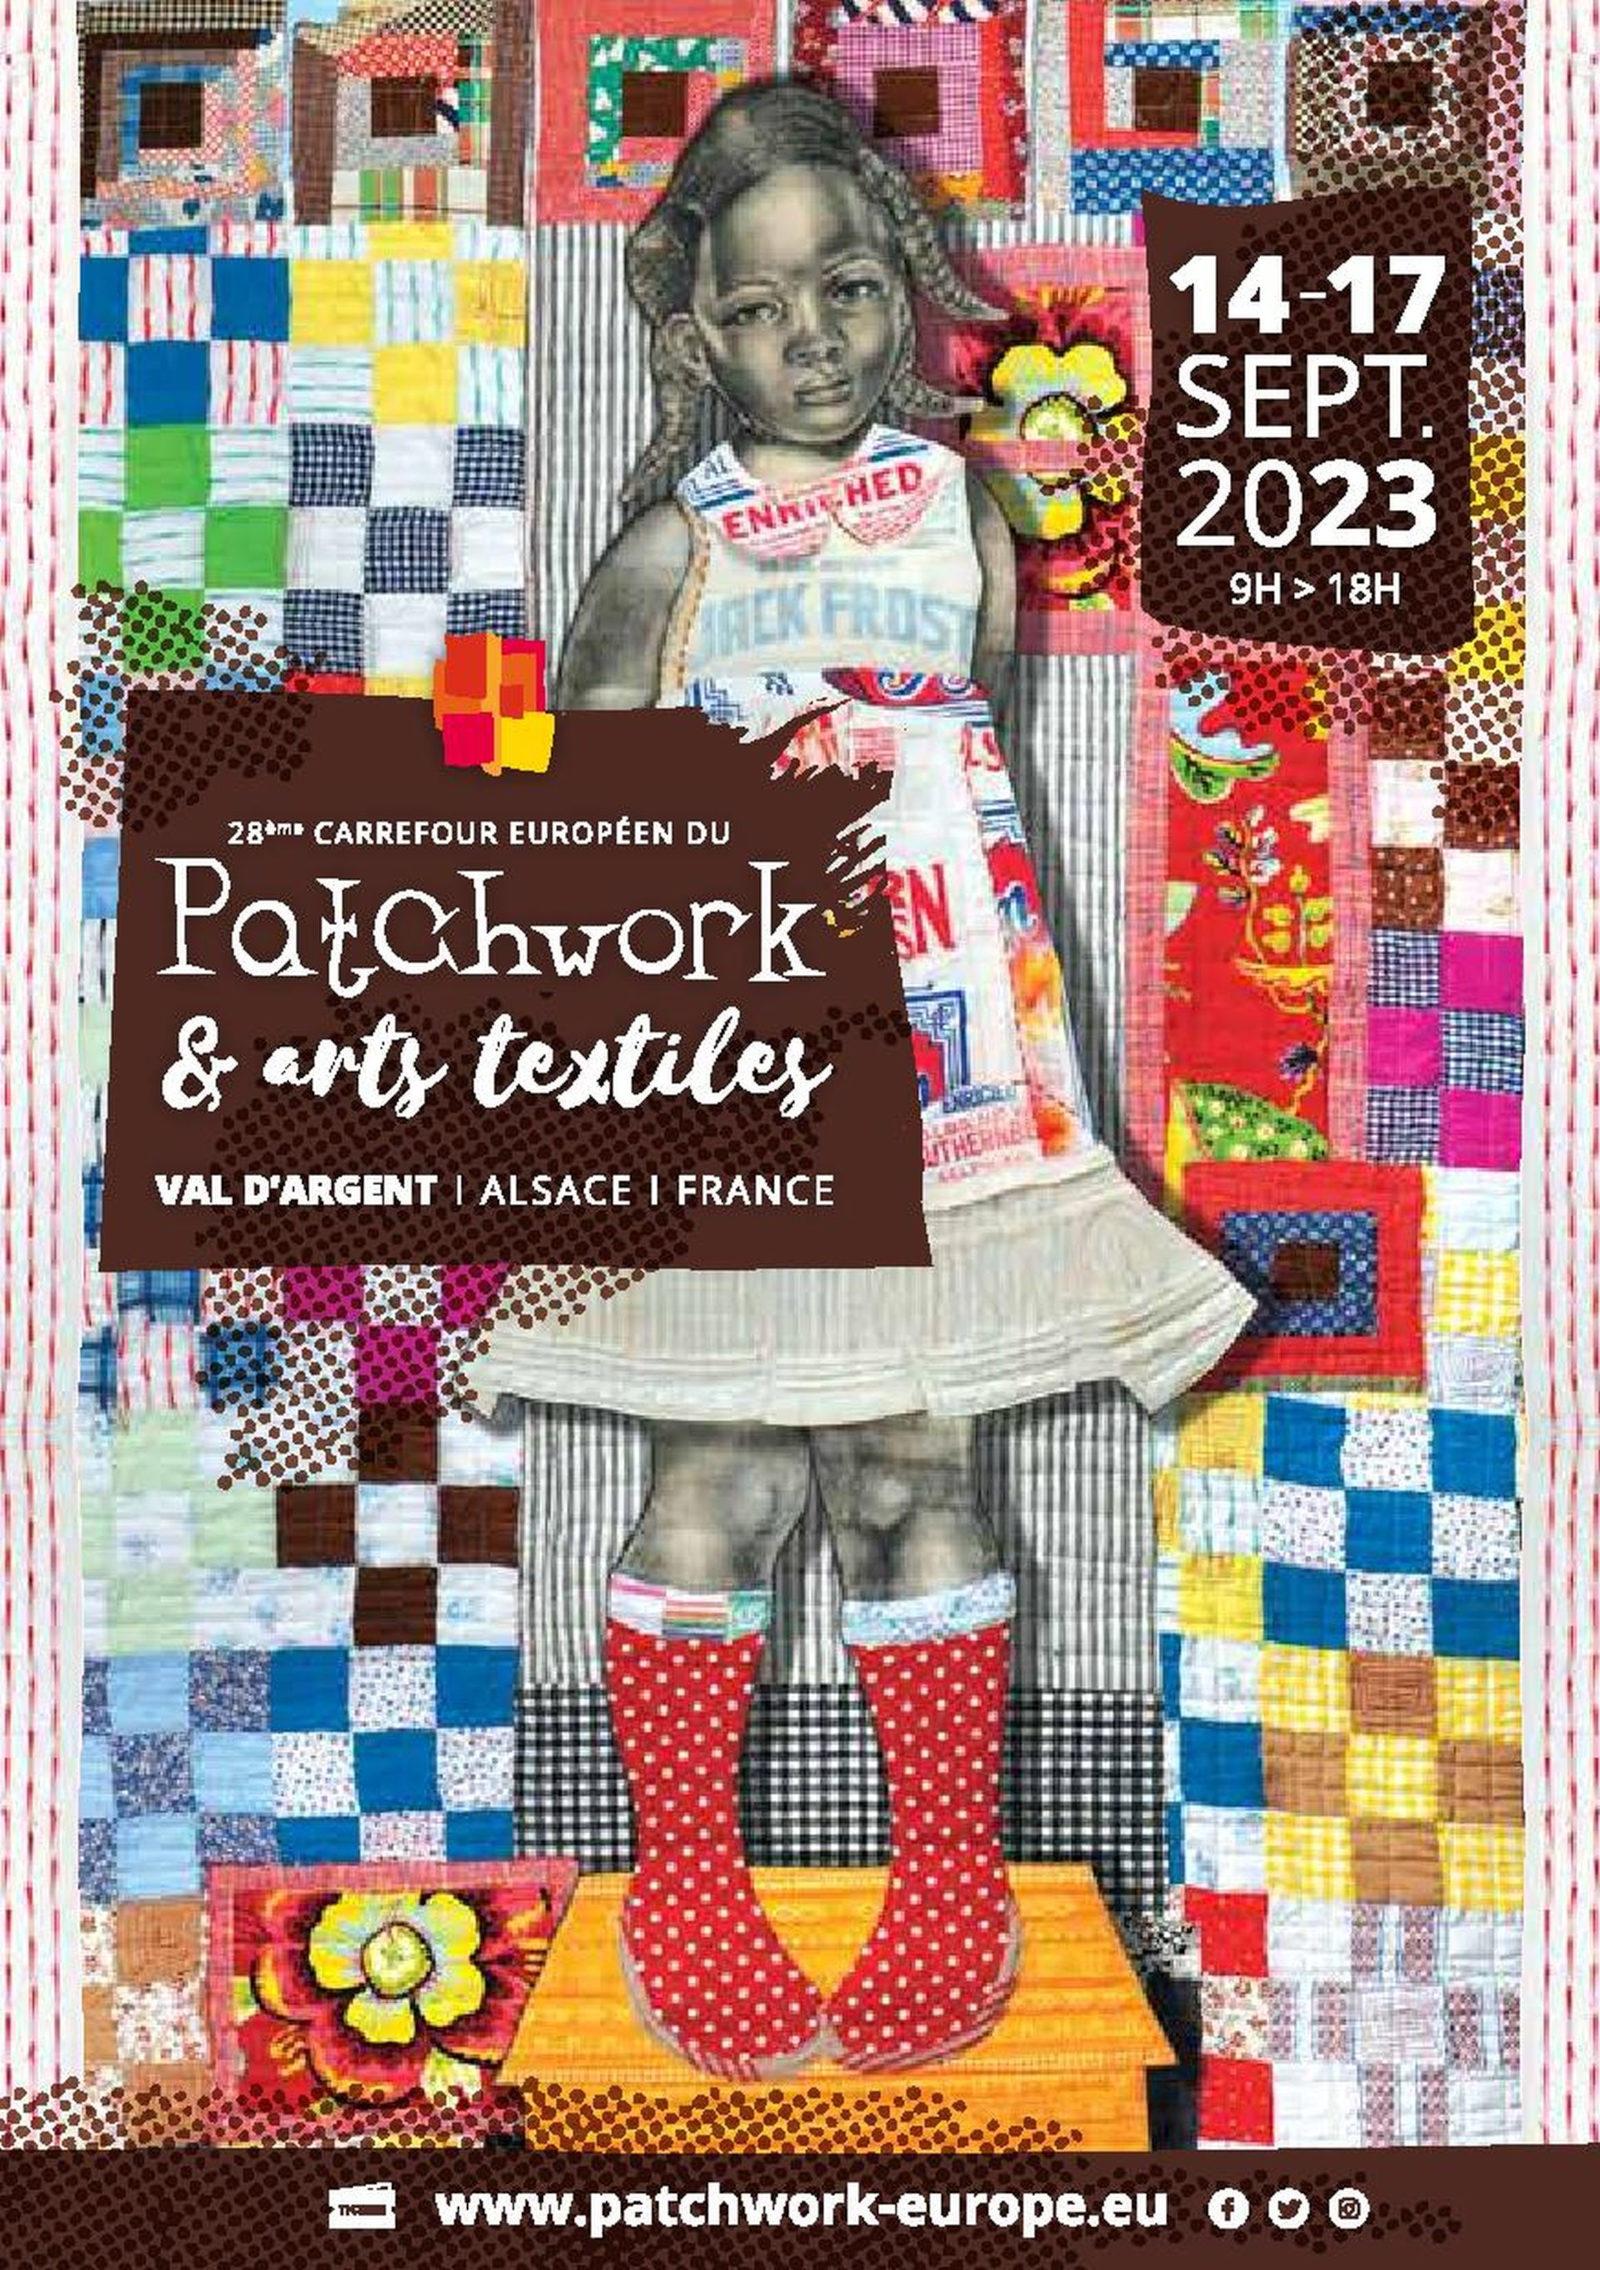 25ème Carrefour Européen du Patchwork